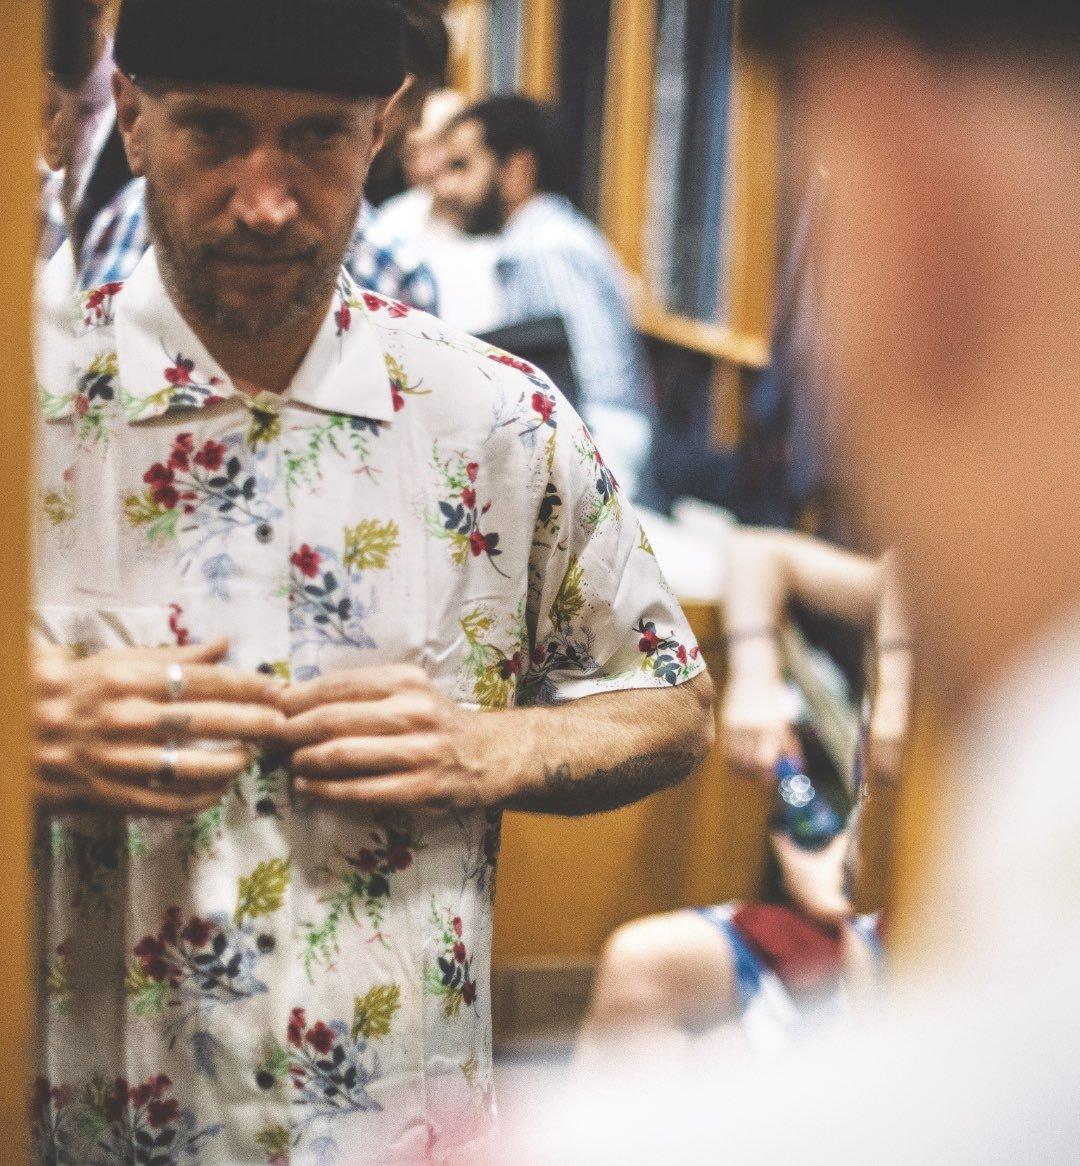 Jamie Thomas at a fitting in Hong Kong.